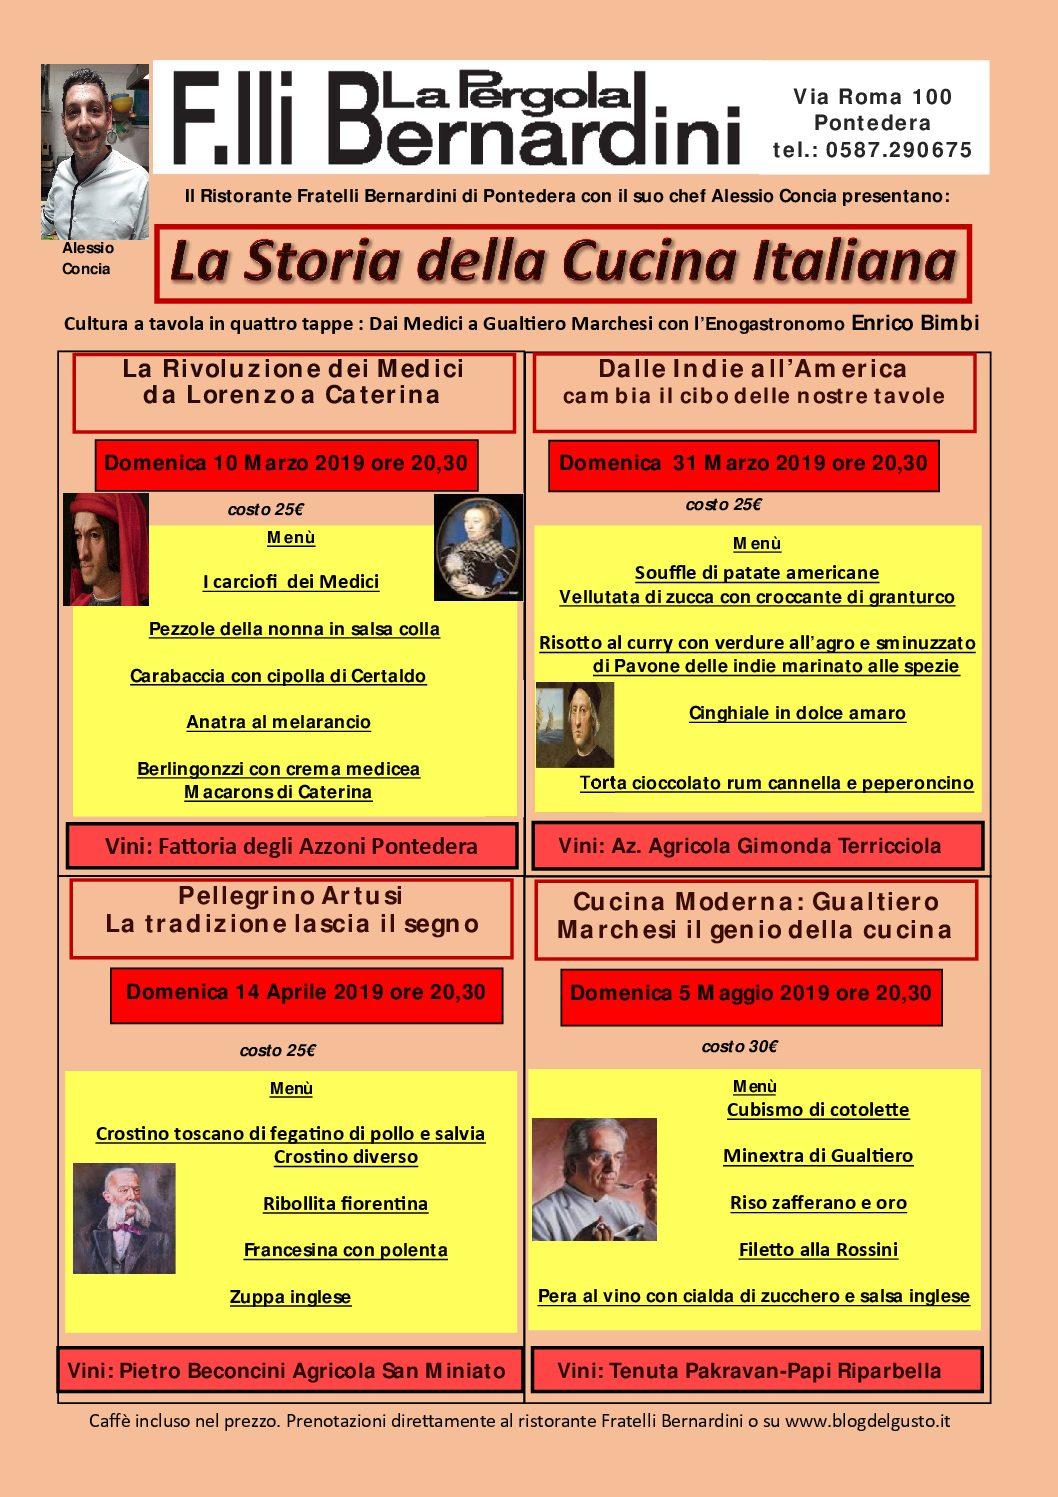 Tributo a Marchesi. Dai Bernardini si conclude la rassegna con i piatti di alta cucina must del maestro della cucina italiana